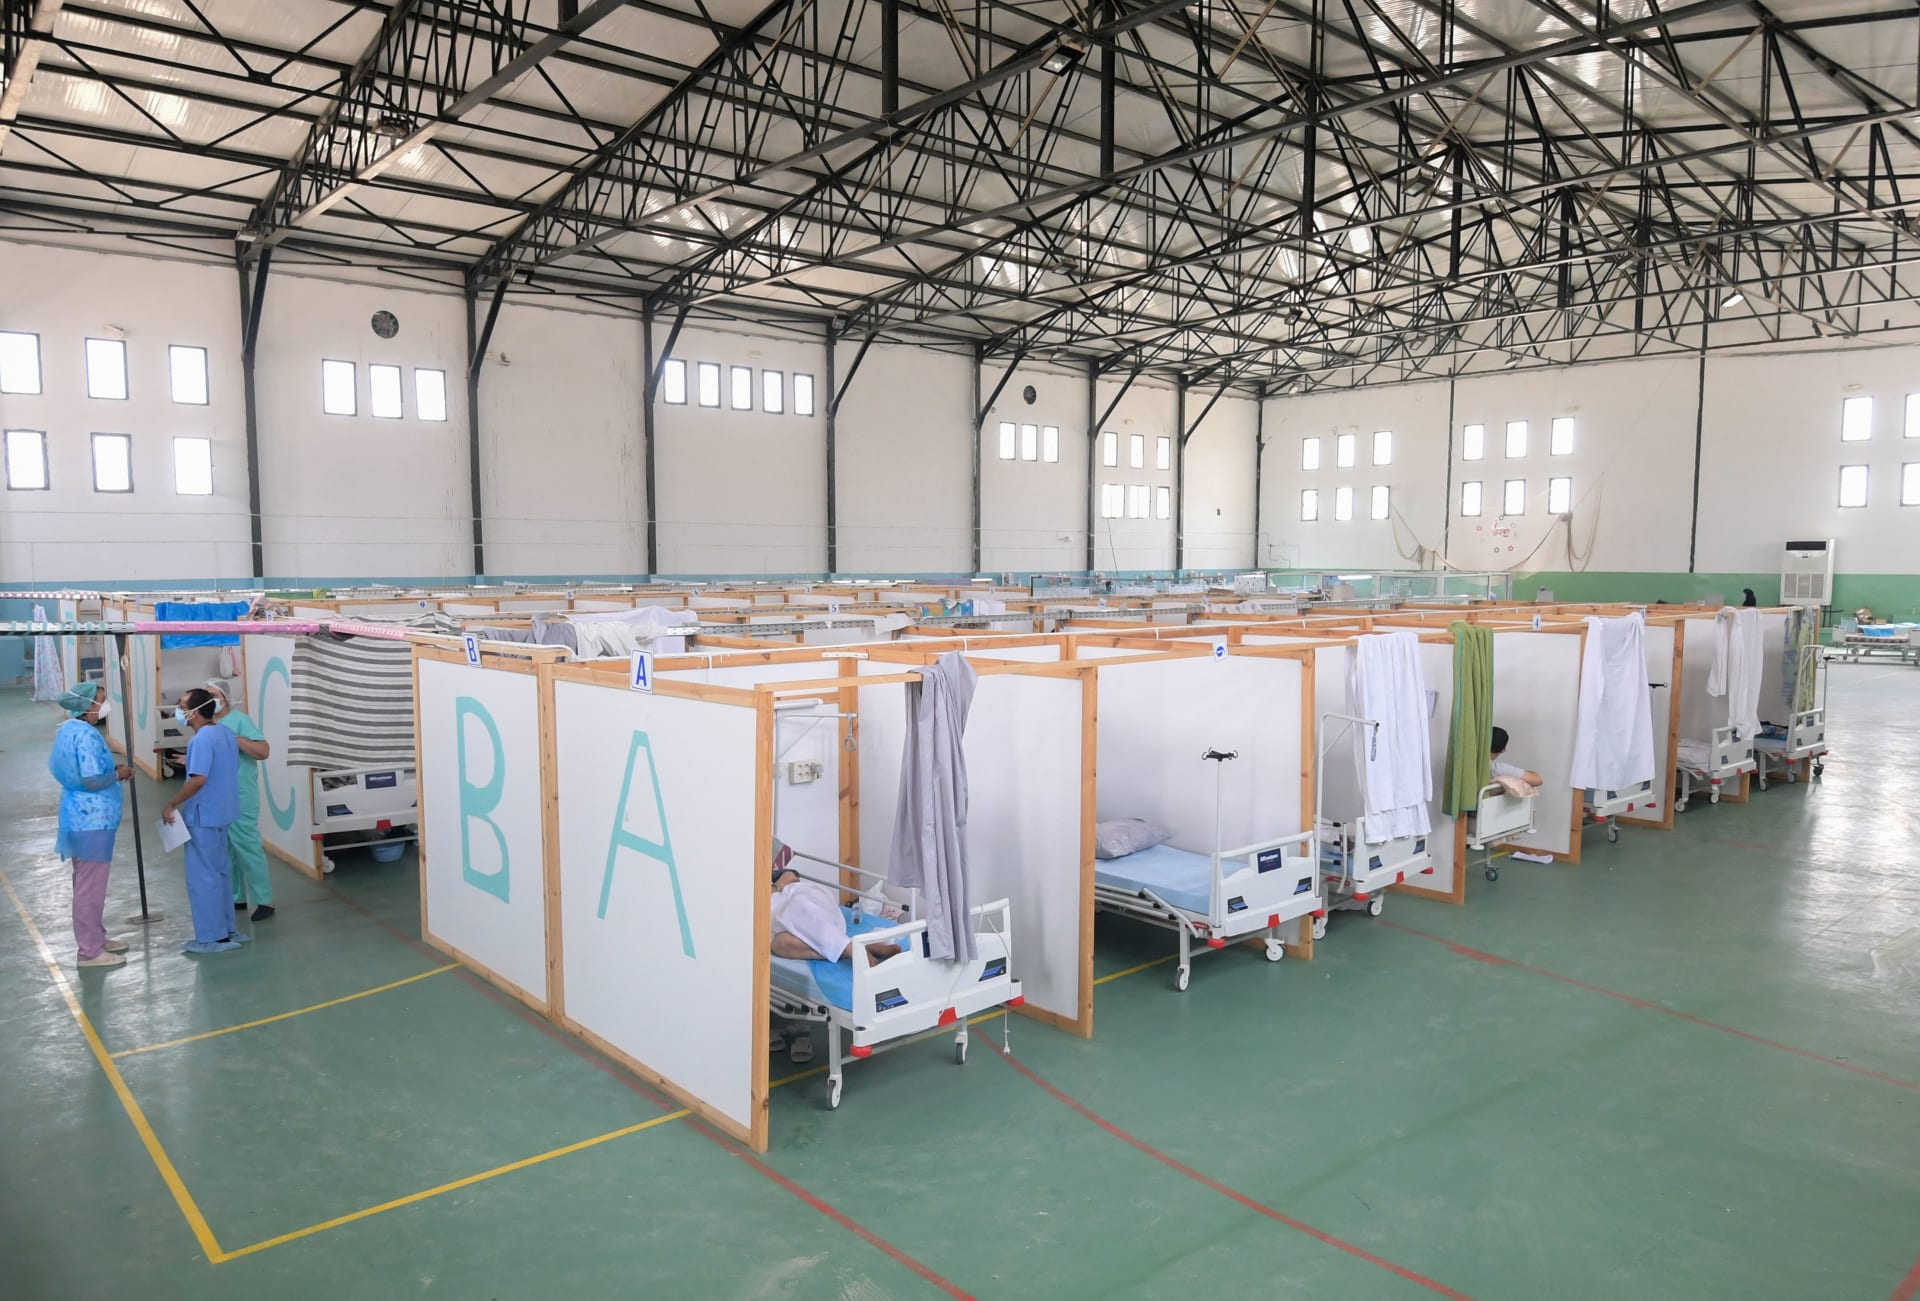 تونس - صالة ألعاب رياضية تم تحويلها للتعامل مع زيادة في الإصابات الجديدة بفيروس كورونا الجديد في مدينة القيروان شرق وسط البلاد في 4 يوليو 2021